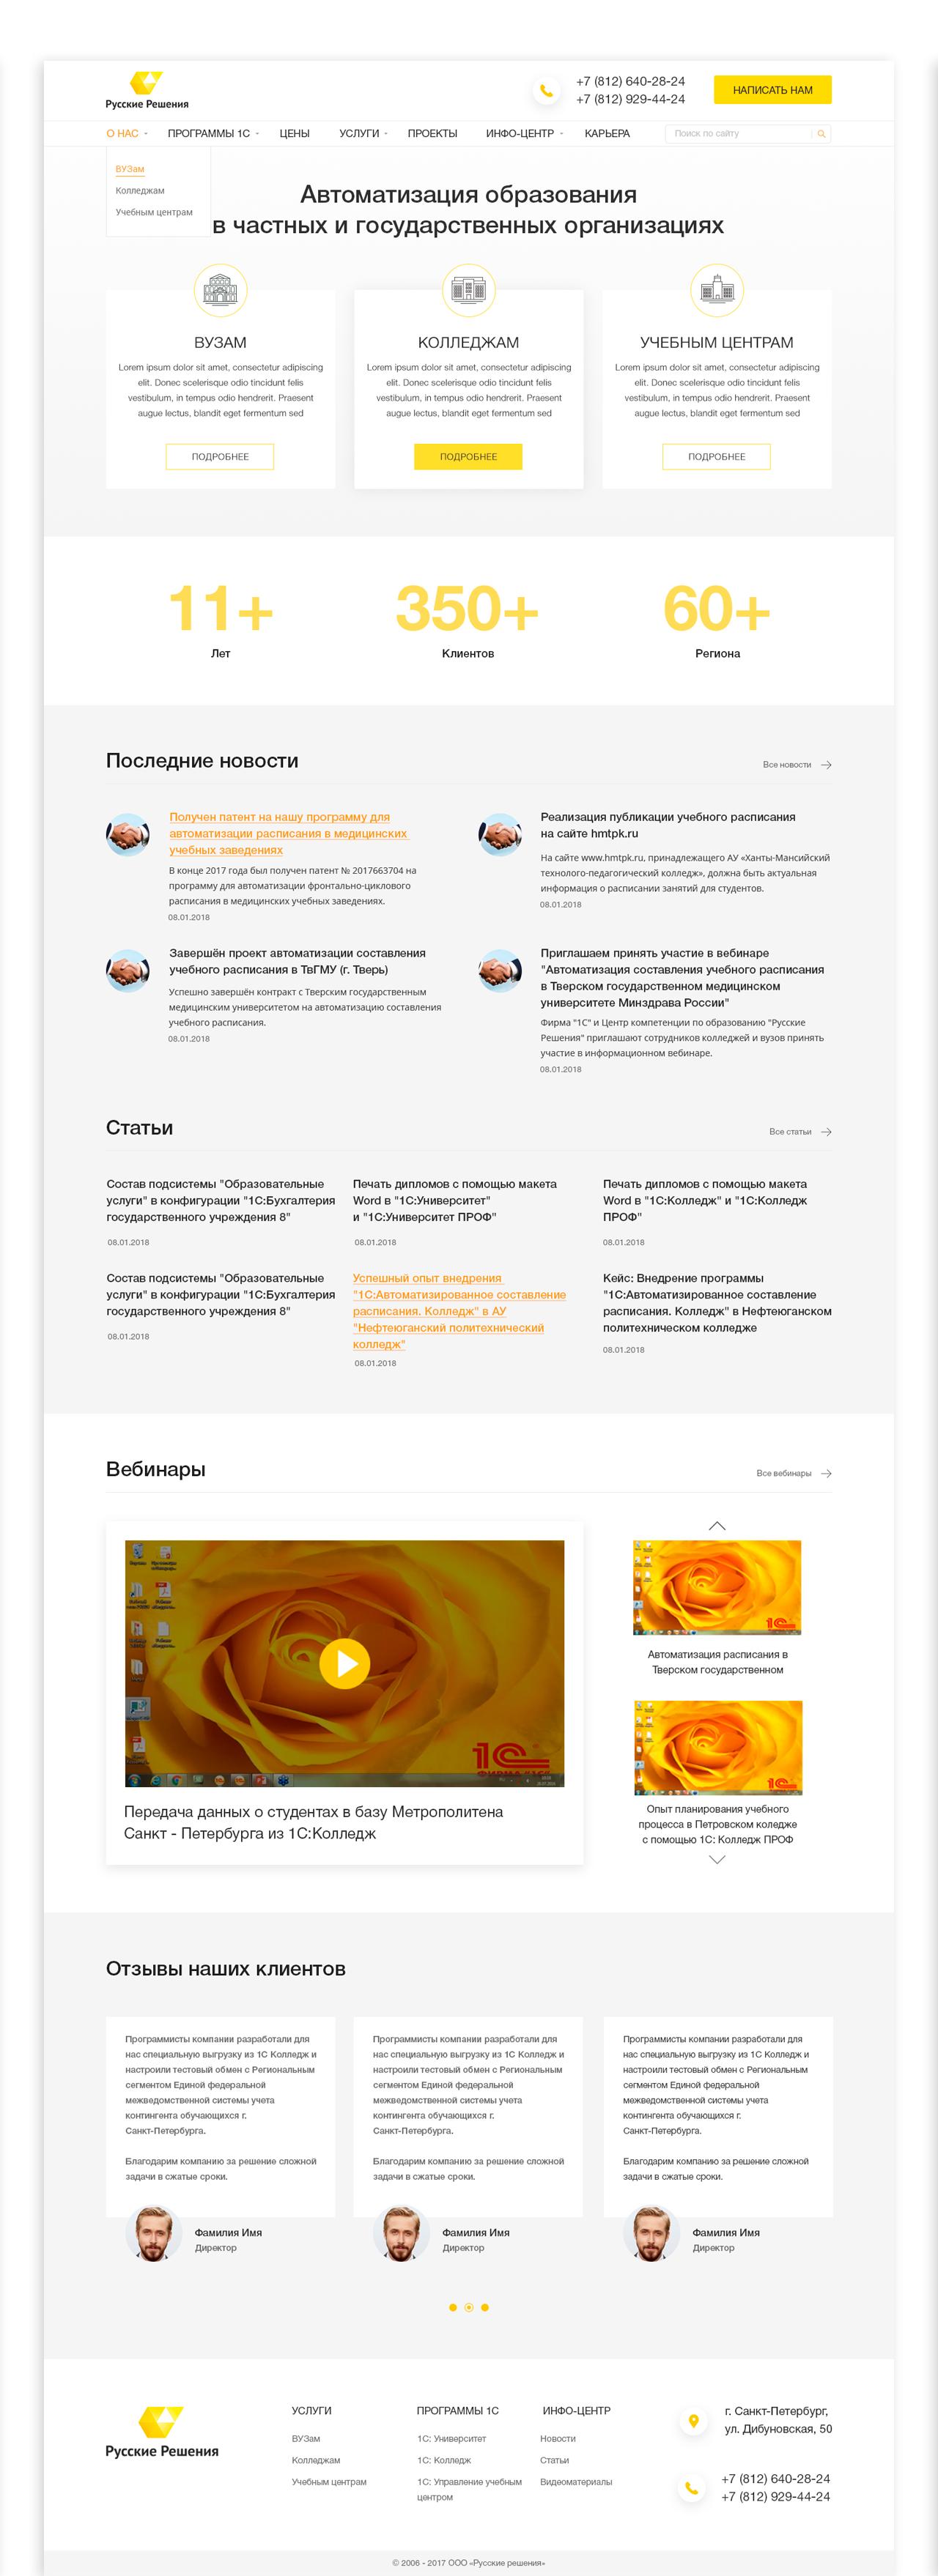 Дизайн главной страницы сайта фото f_4605a6200c3042e5.png